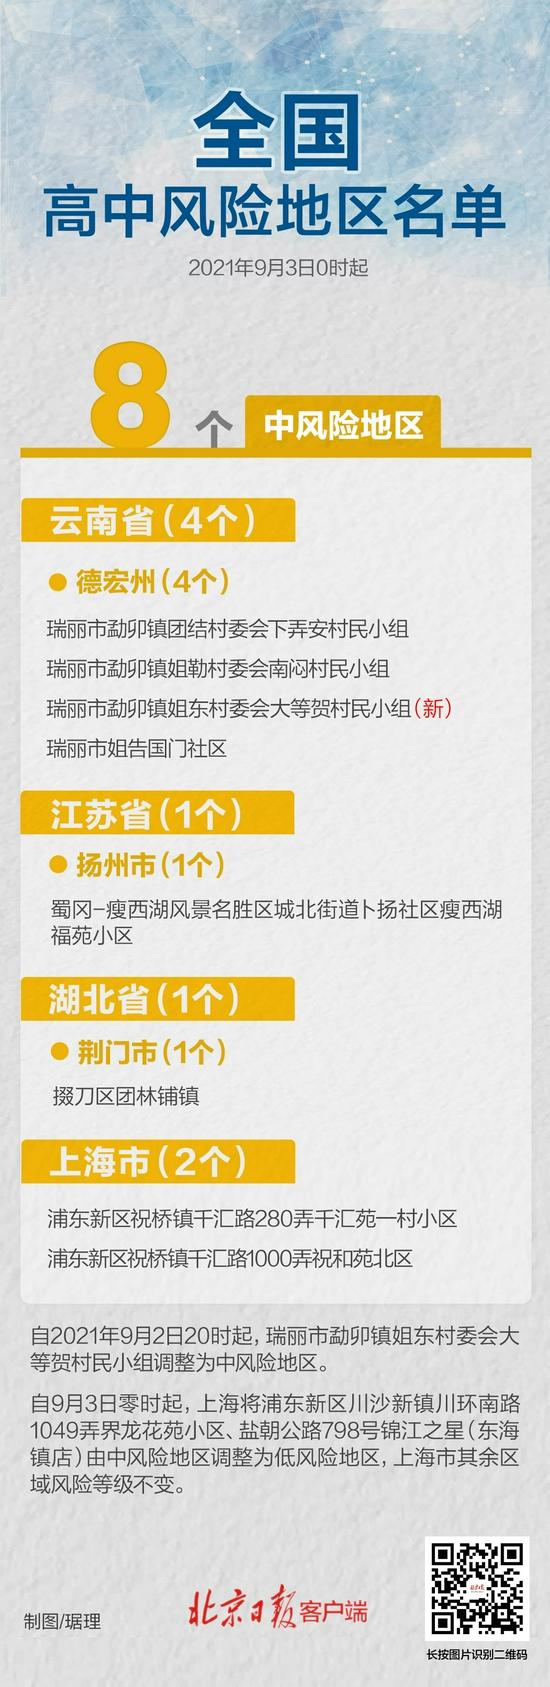 最新!云南+1 上海-2 全国还有8个中风险区(图1)